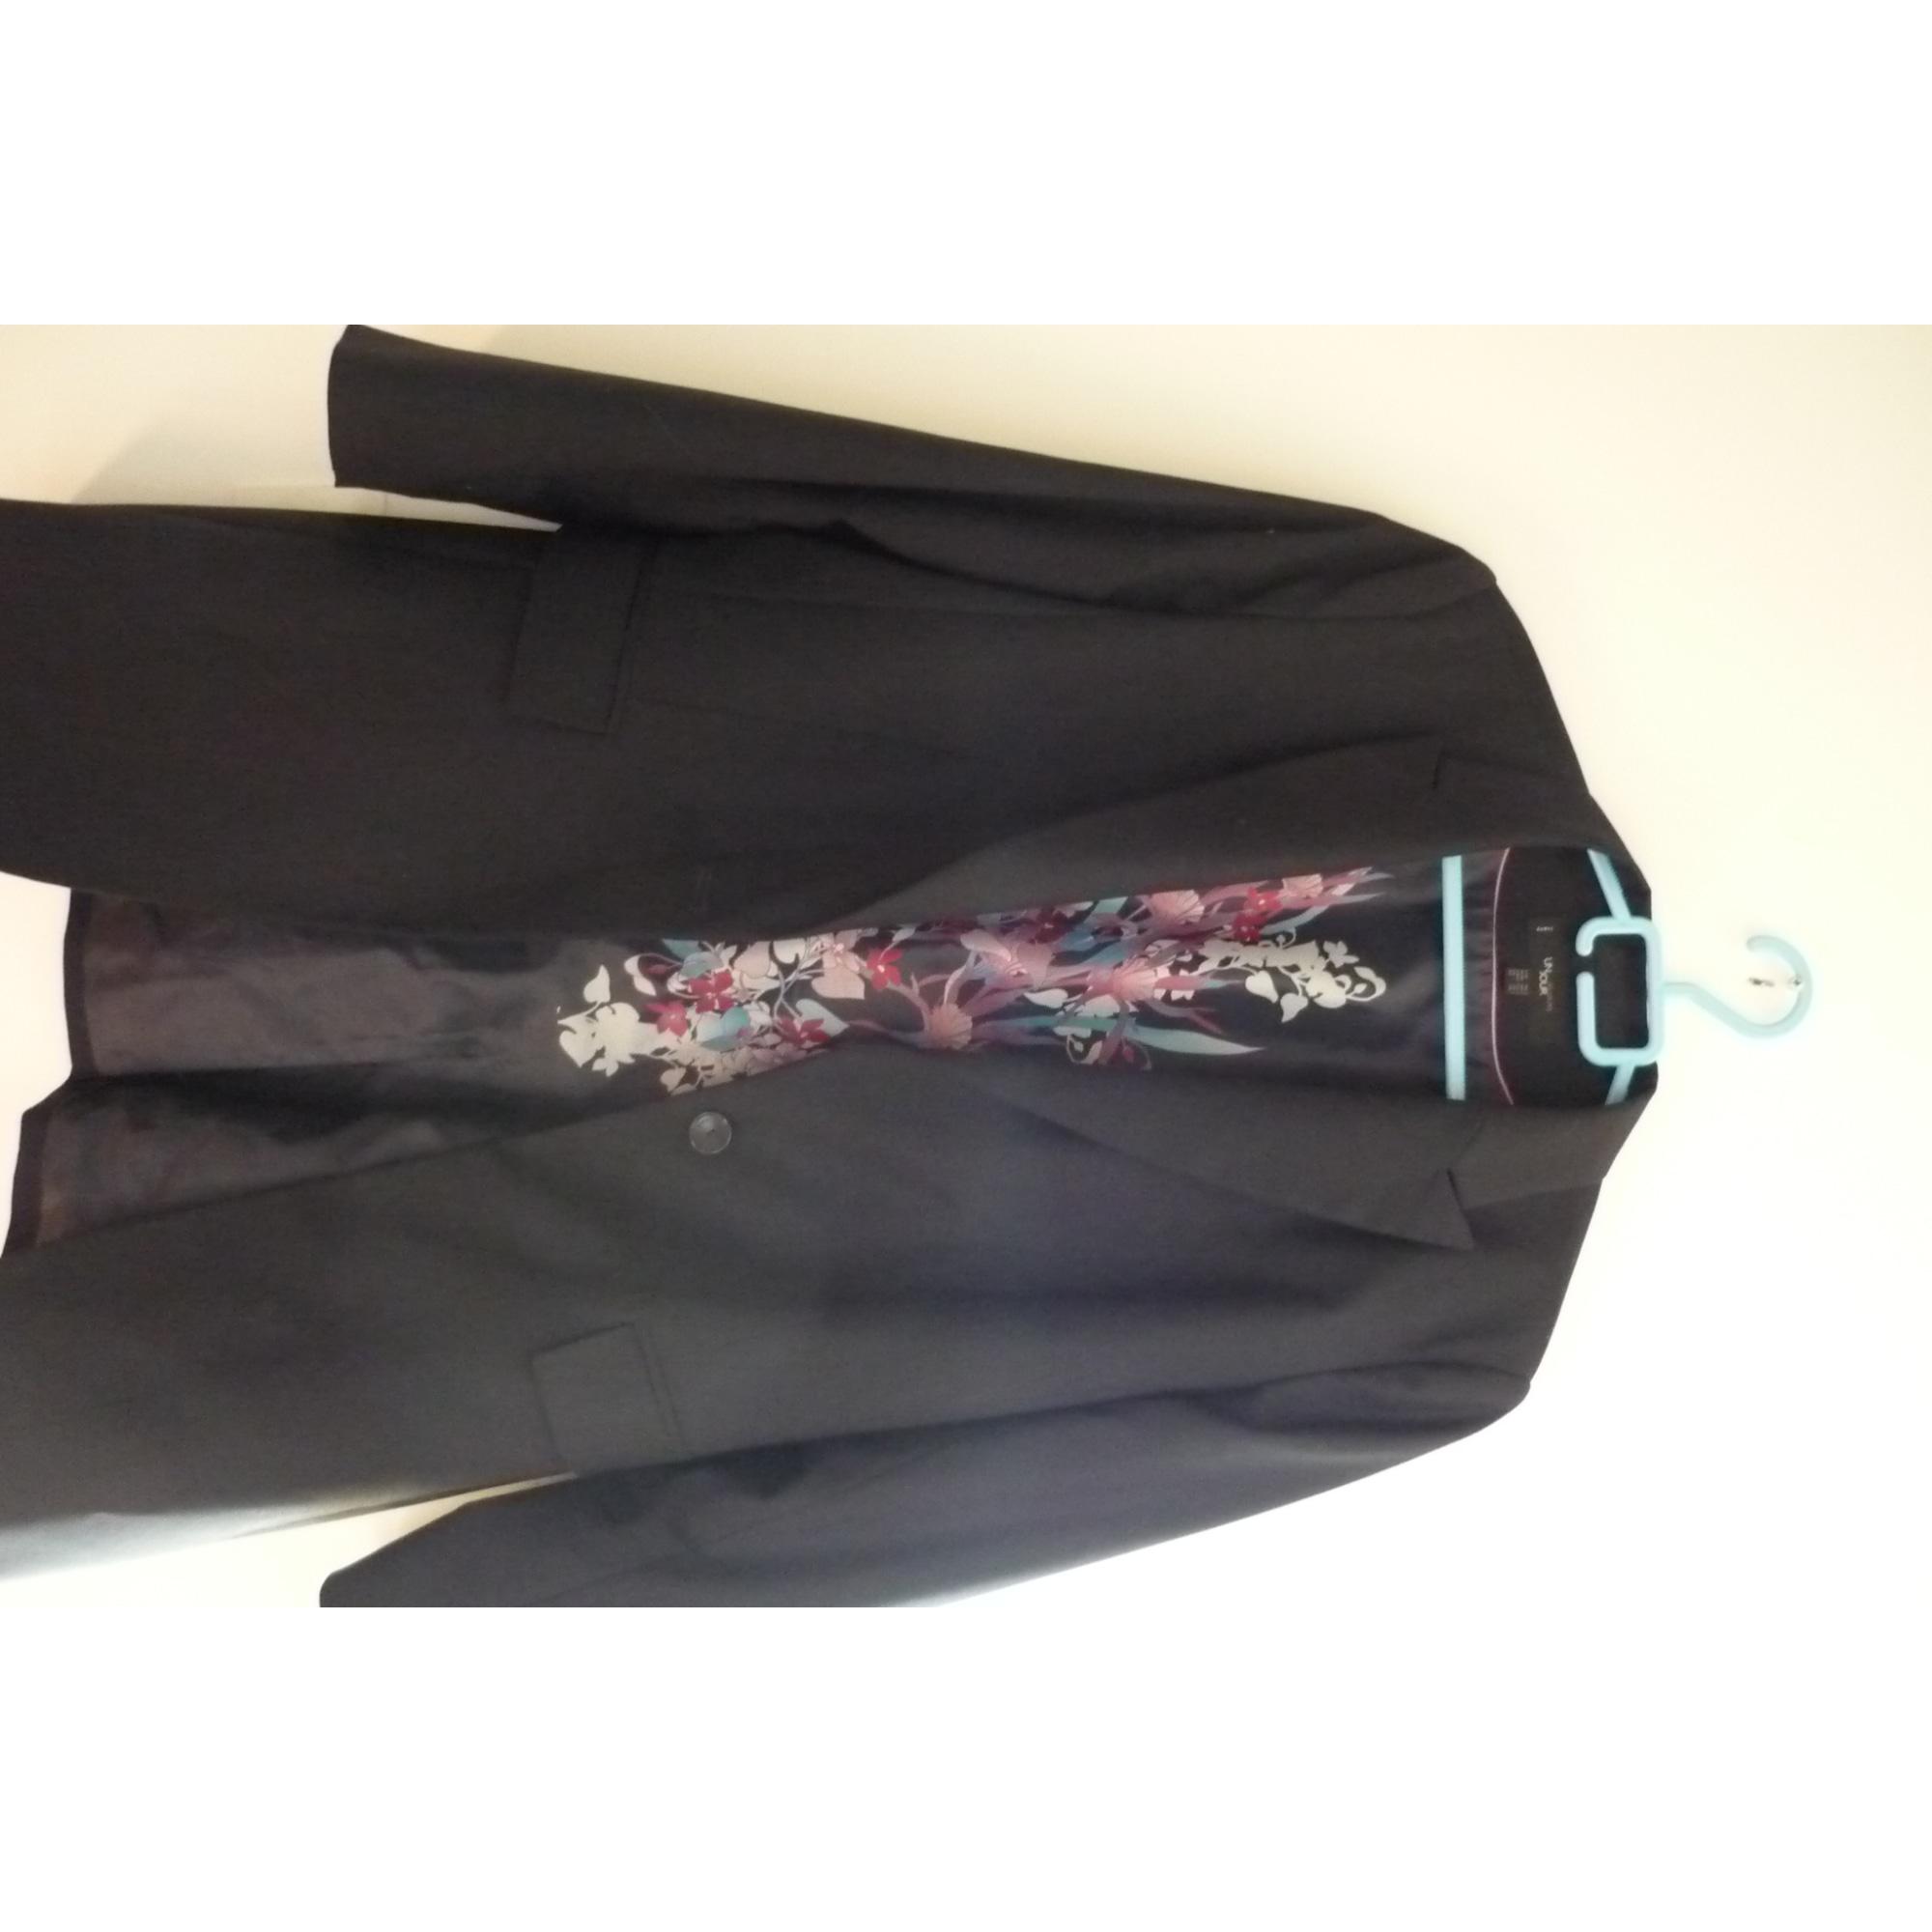 tailleur pantalon un jour ailleurs 46 xxl bleu vendu par fabi ne159595 2293532. Black Bedroom Furniture Sets. Home Design Ideas